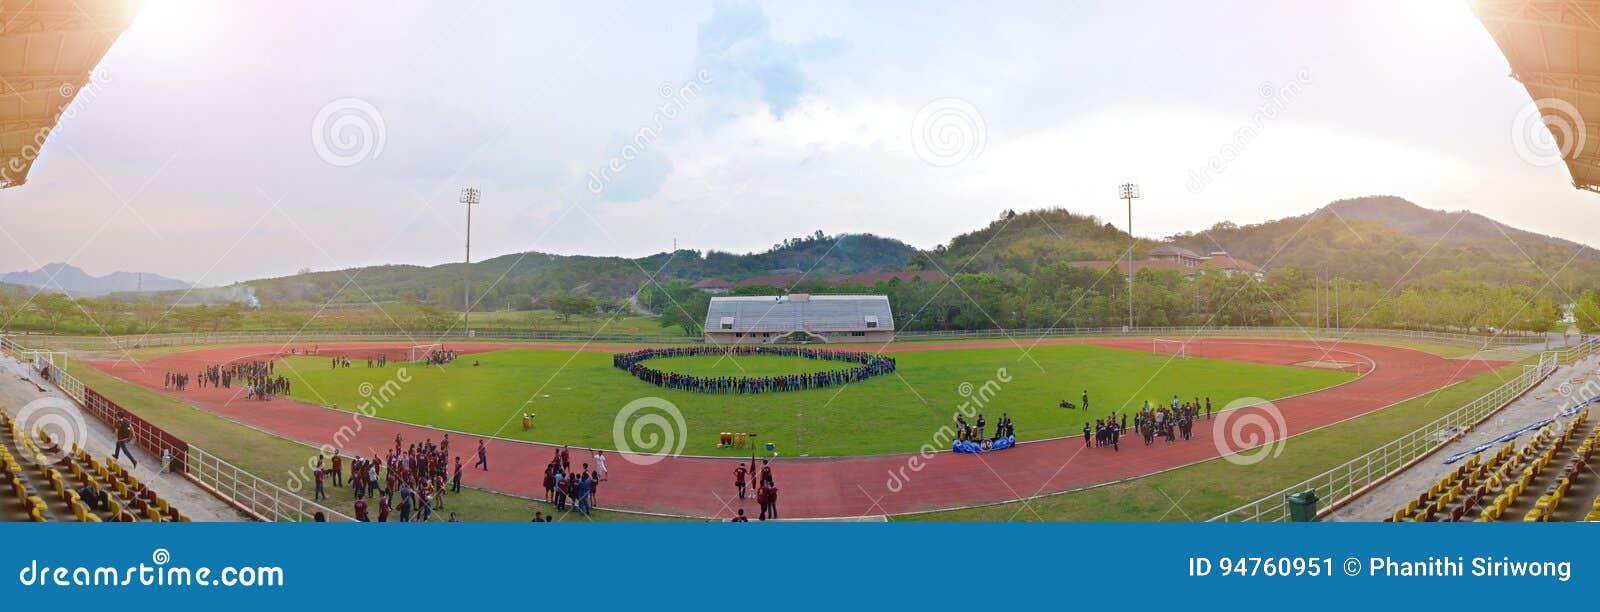 Πανεπιστημιακή αθλητική ημέρα στο υπαίθριο στάδιο